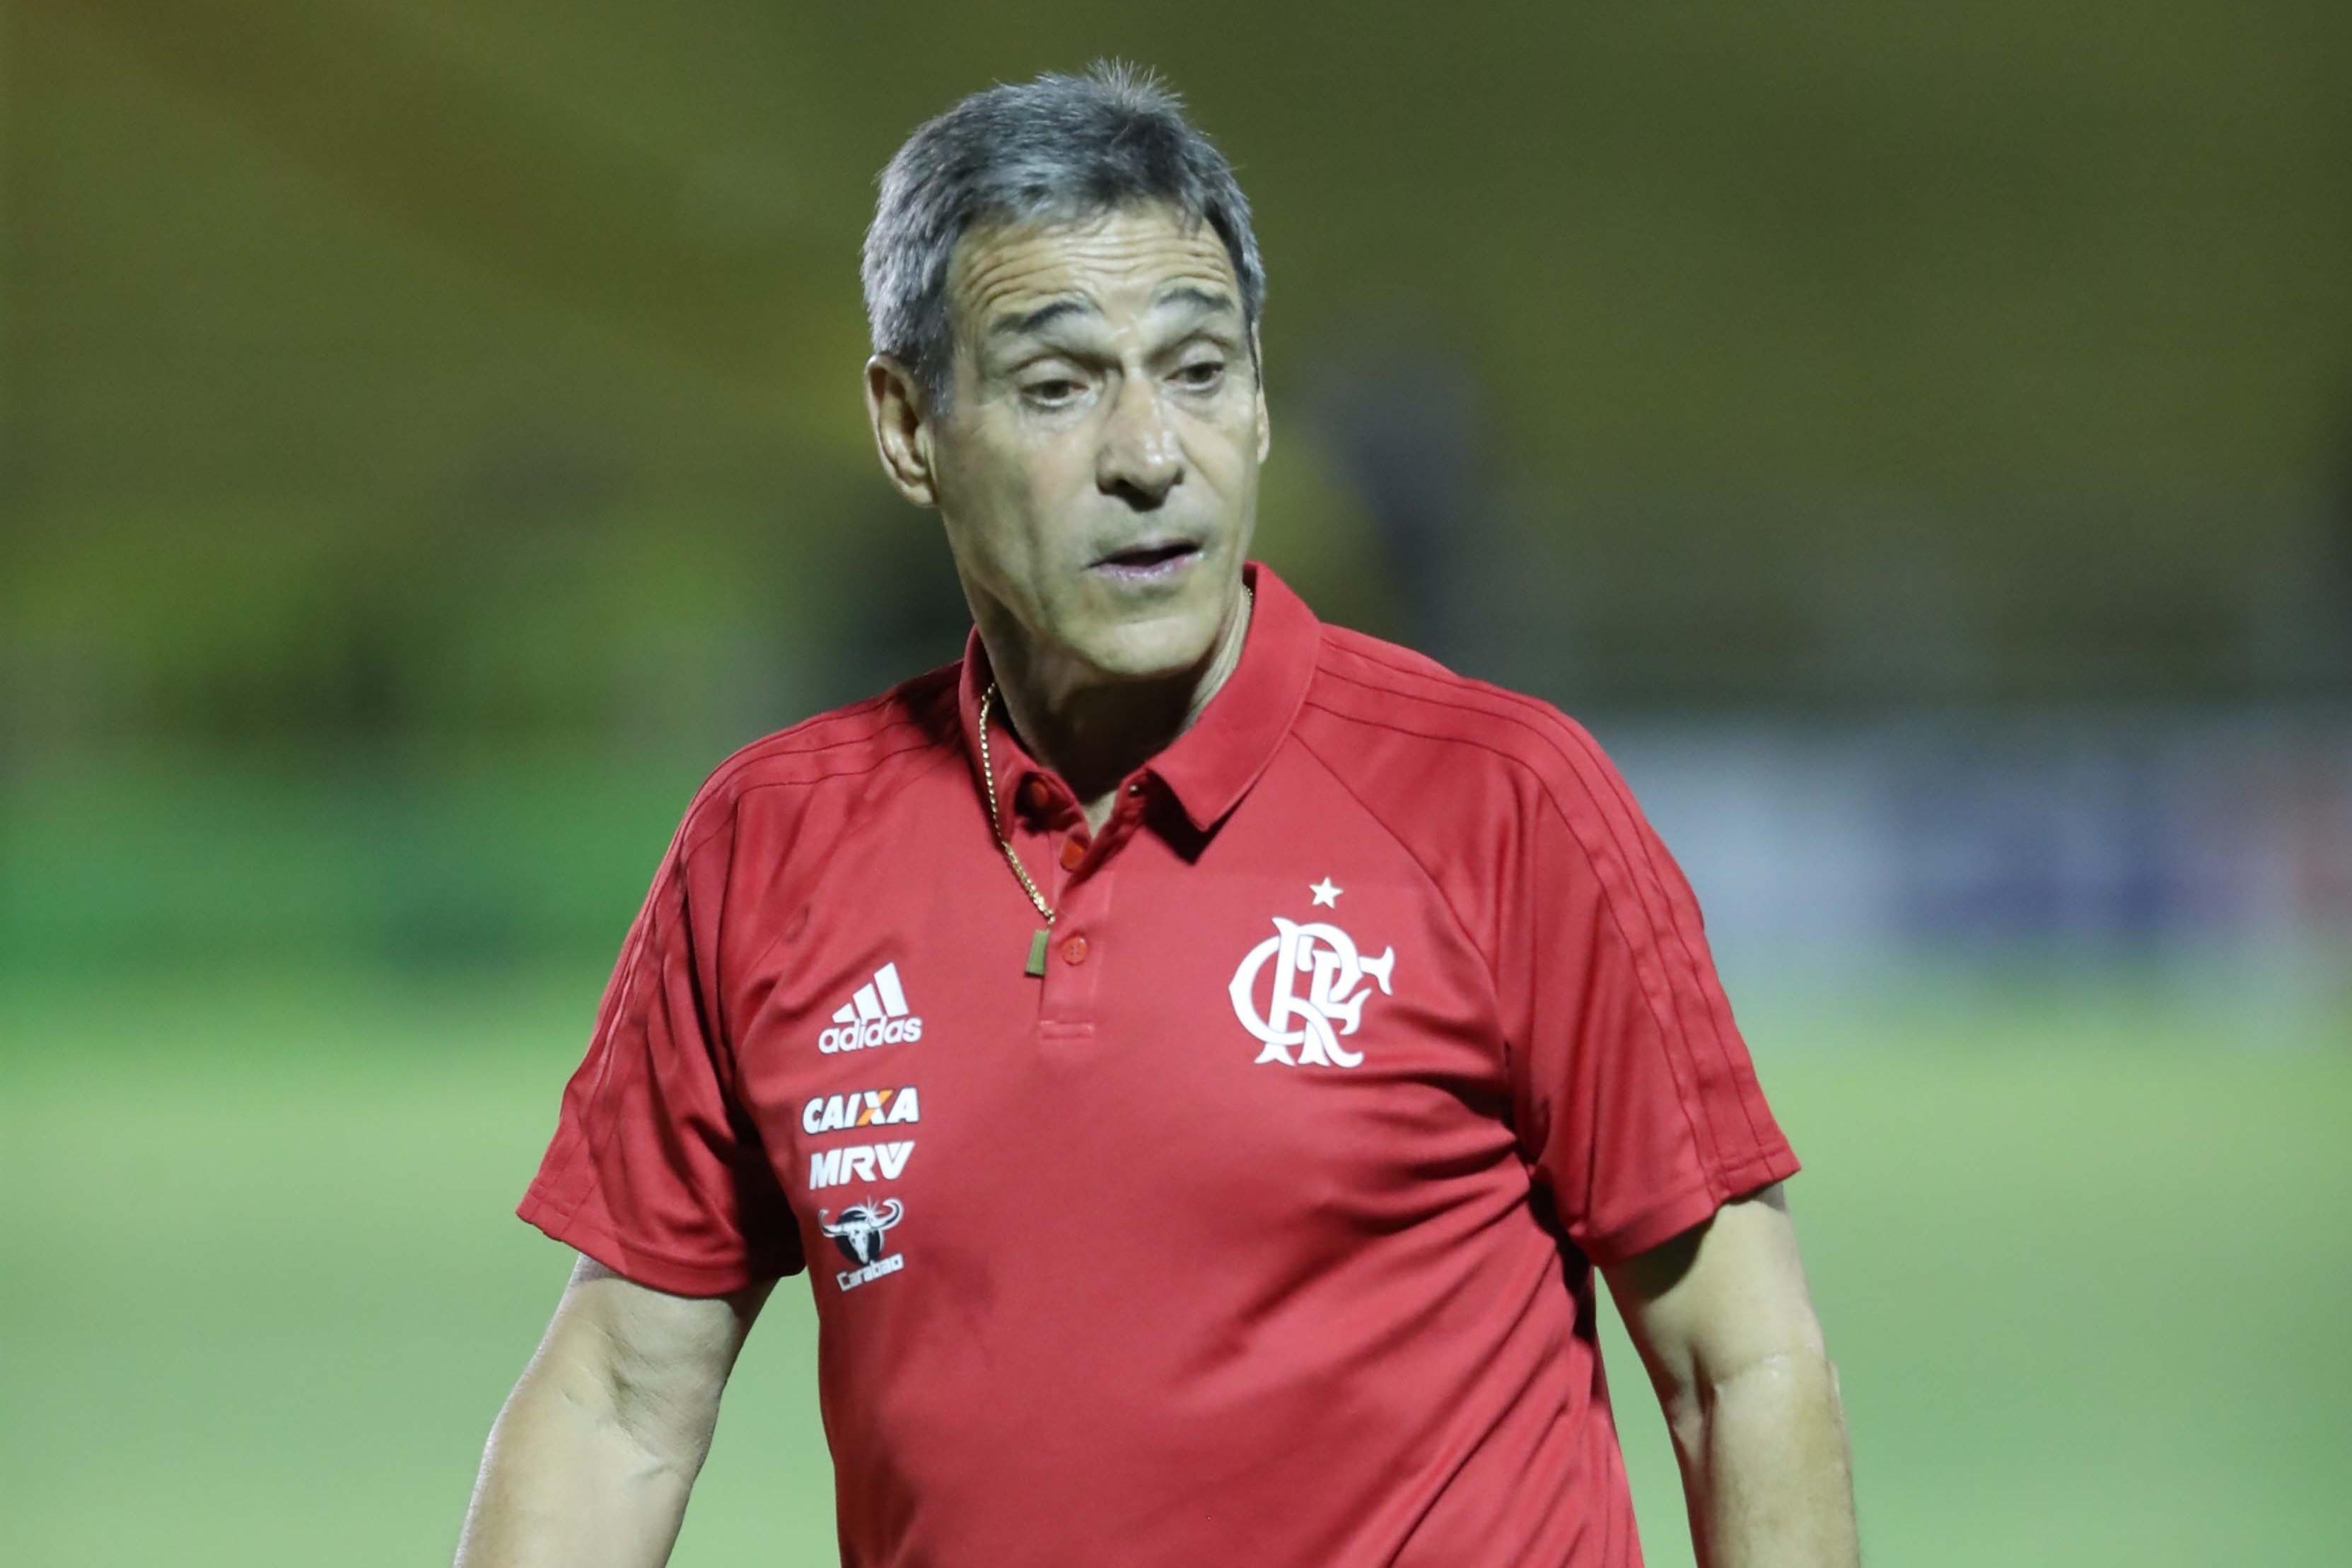 carpegiani Flamengo